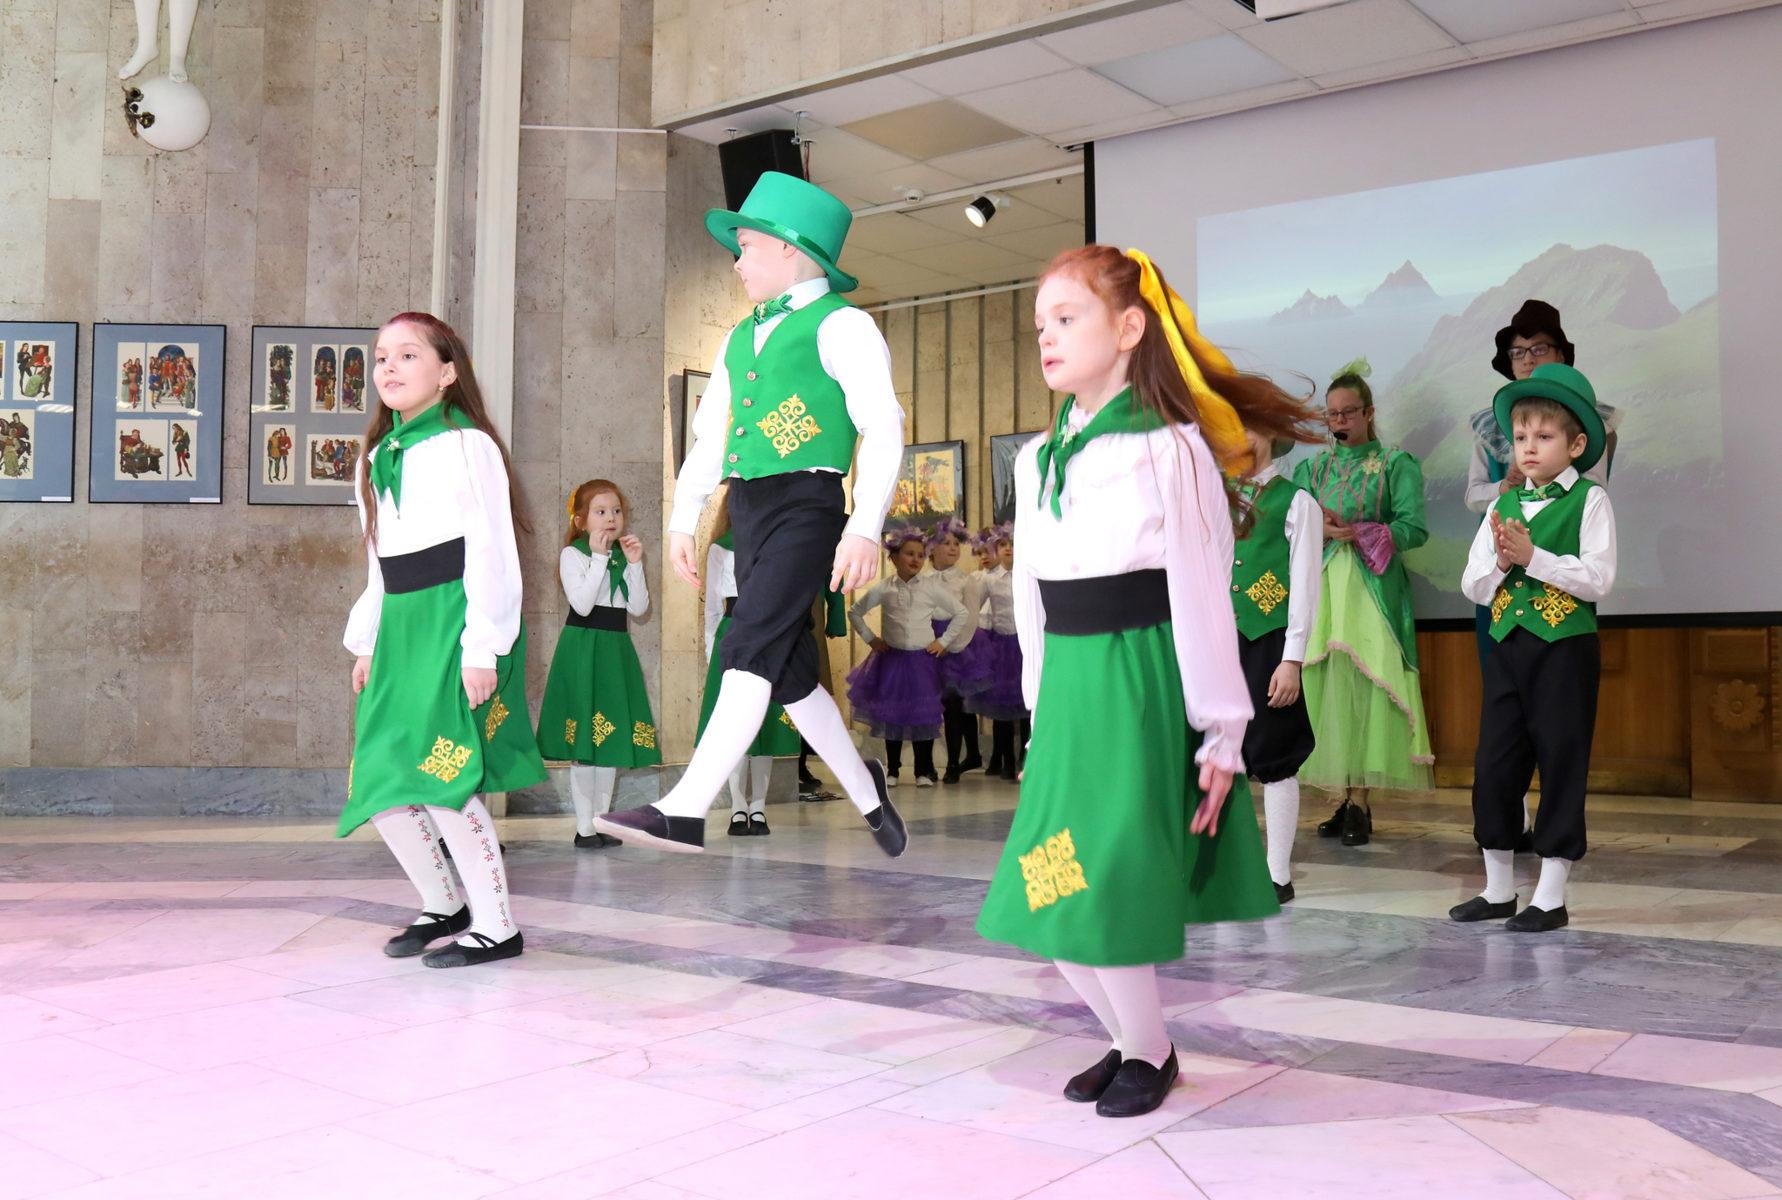 Праздник «День святого Патрика в РГДБ» – события на сайте «Московские Сезоны»